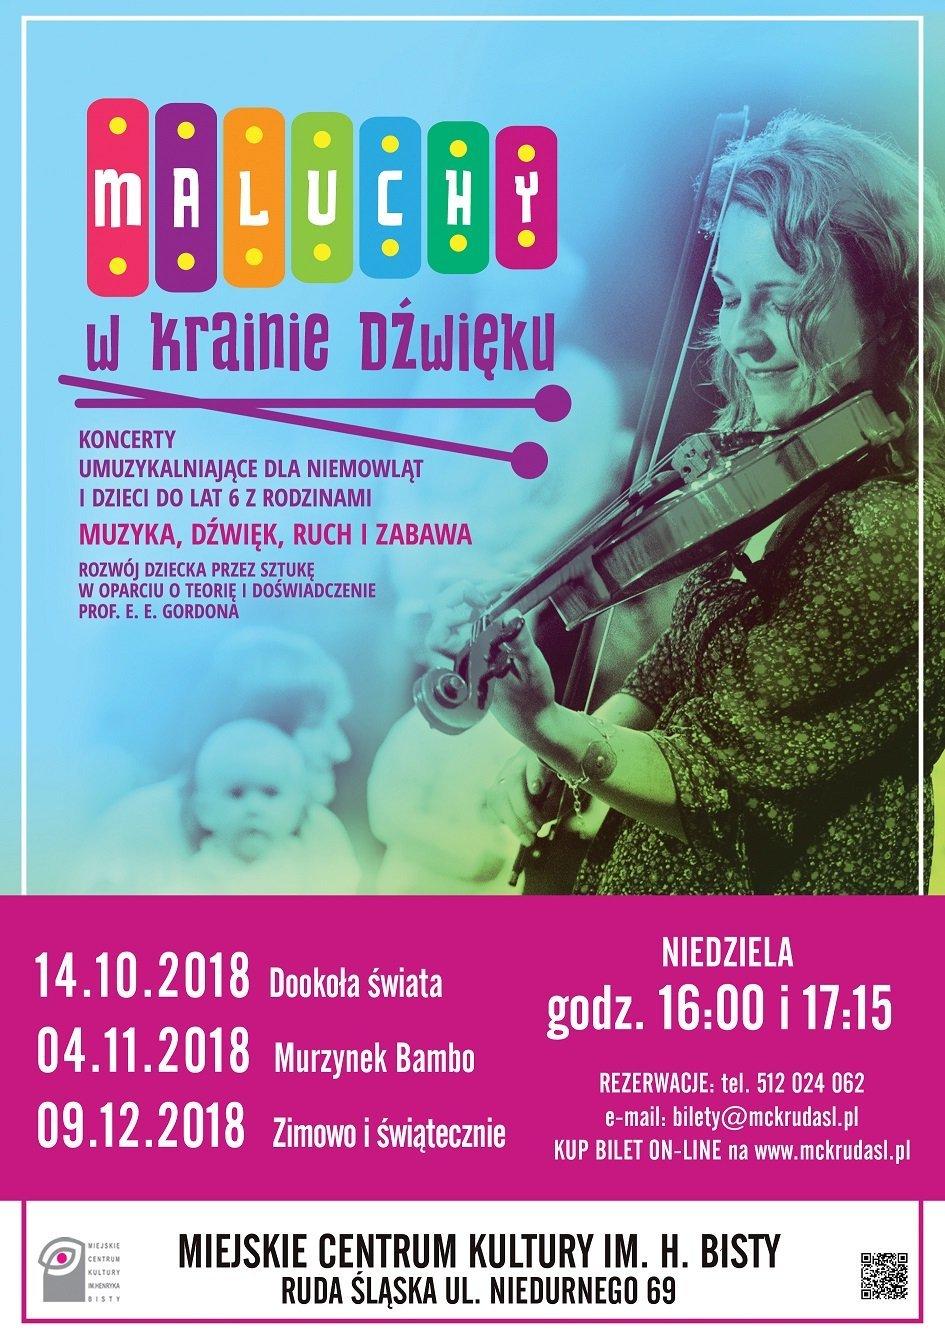 Maluchy w krainie dźwięku - koncerty umuzykalniające dla niemowląt i dzieci. Ruda Śląska